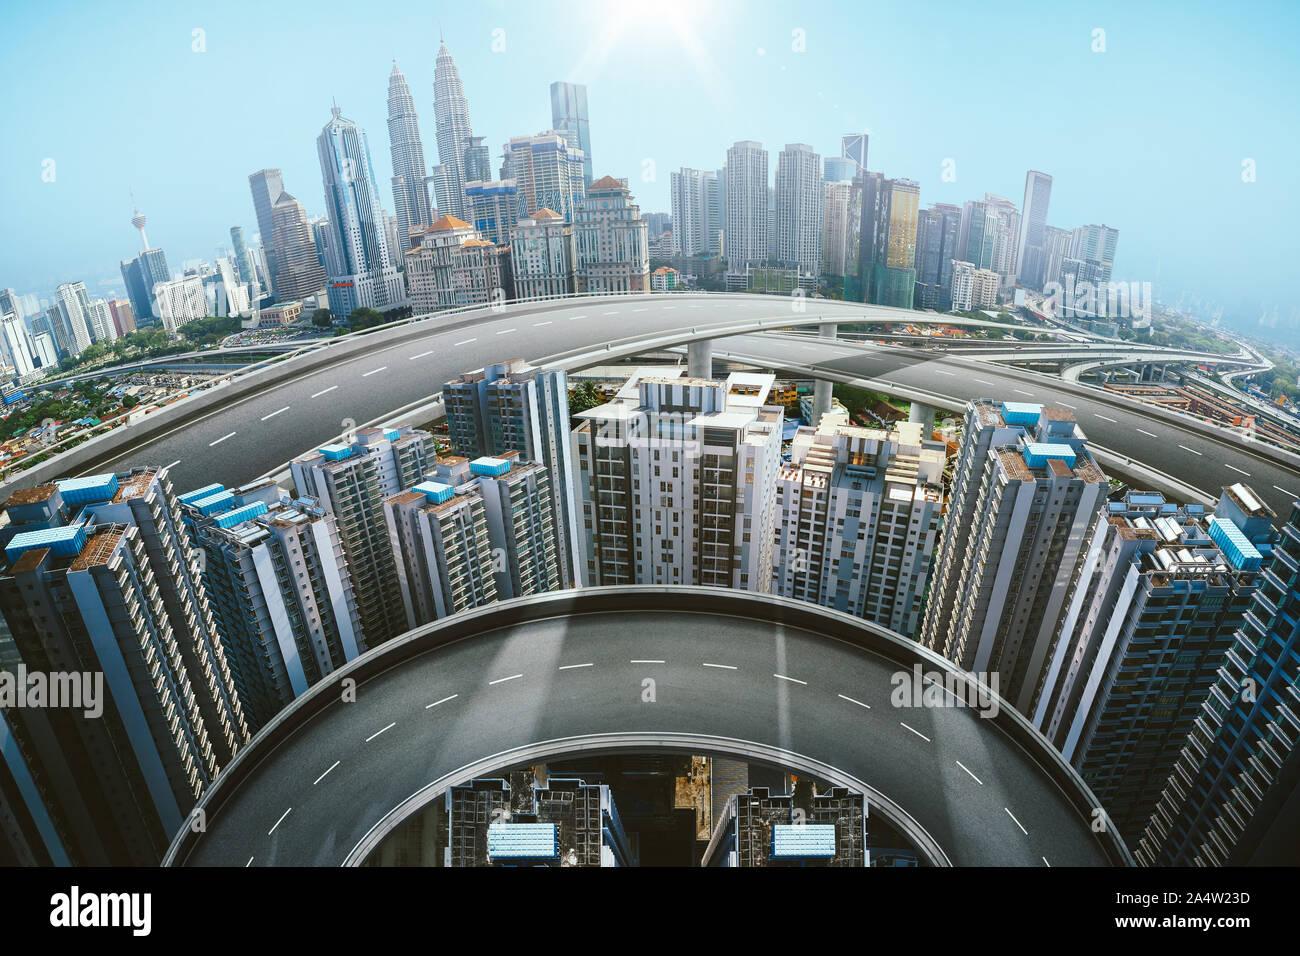 Résumé des relevés aériens et vue panoramique de la route d'asphalte avec de l'autoroute ville moderne contexte . Technique mixte . Banque D'Images